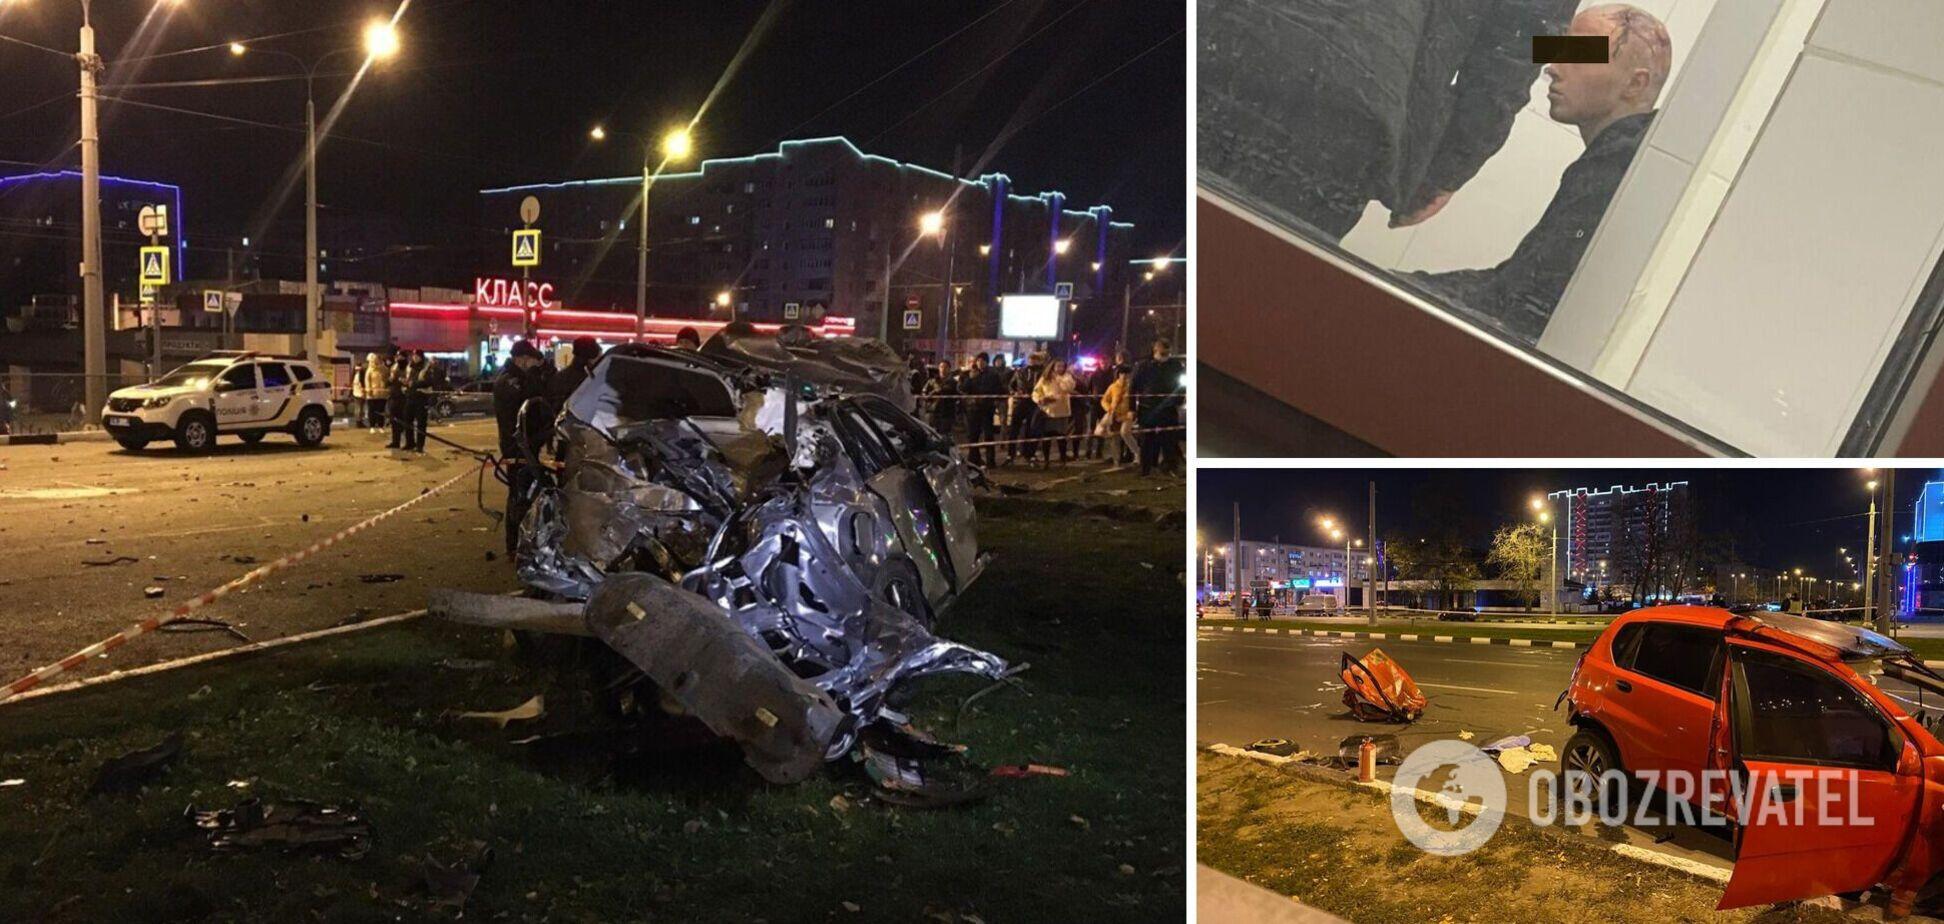 Гнали під 200 км/год і ледь не збили людину: в мережу злили відео з телефонів пасажирів винуватця ДТП у Харкові